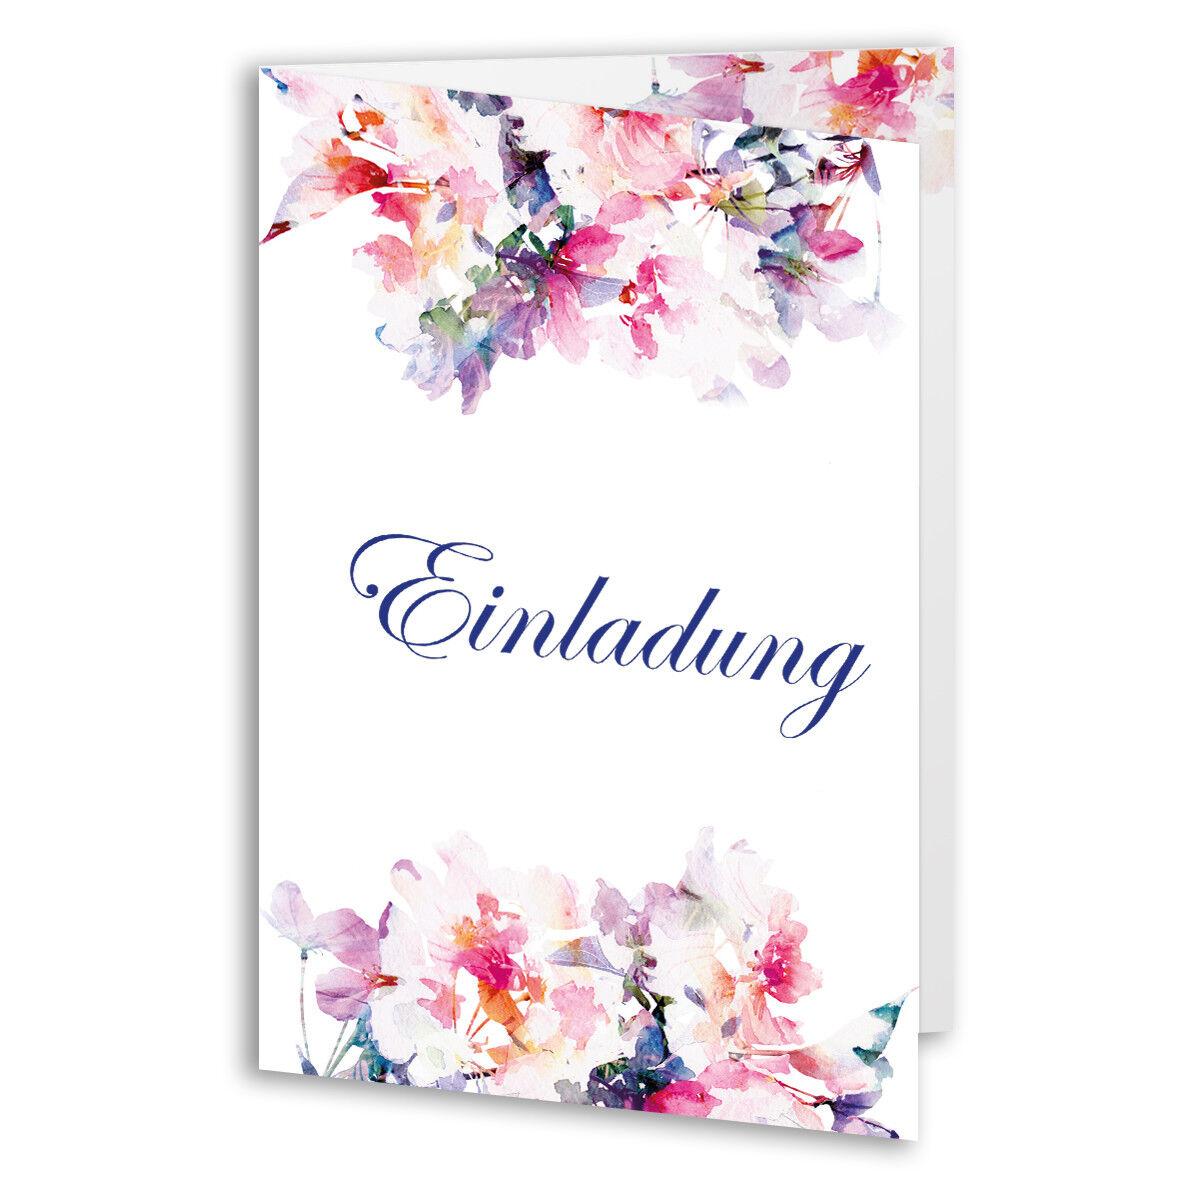 Einladungen zum Geburtstag Rosan Blaumen Klappkarten Einladungskarten | Produktqualität  | Sale Online